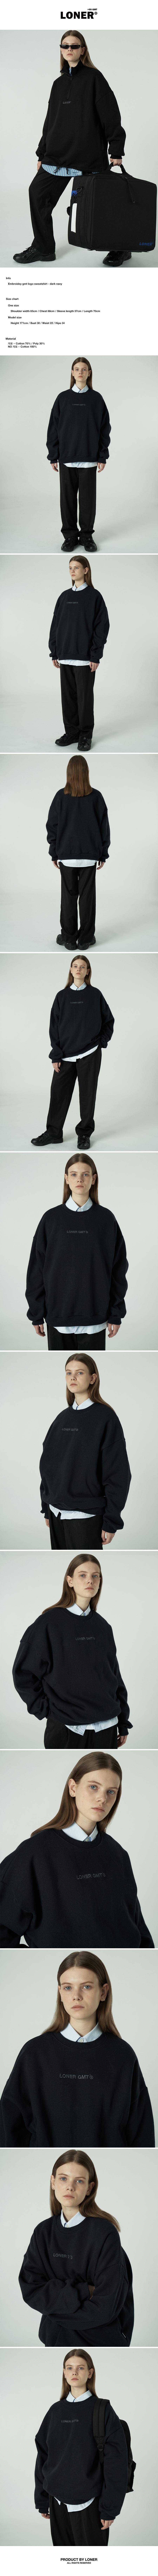 Embroidey gmt logo sweatshirt-dark navy.jpg